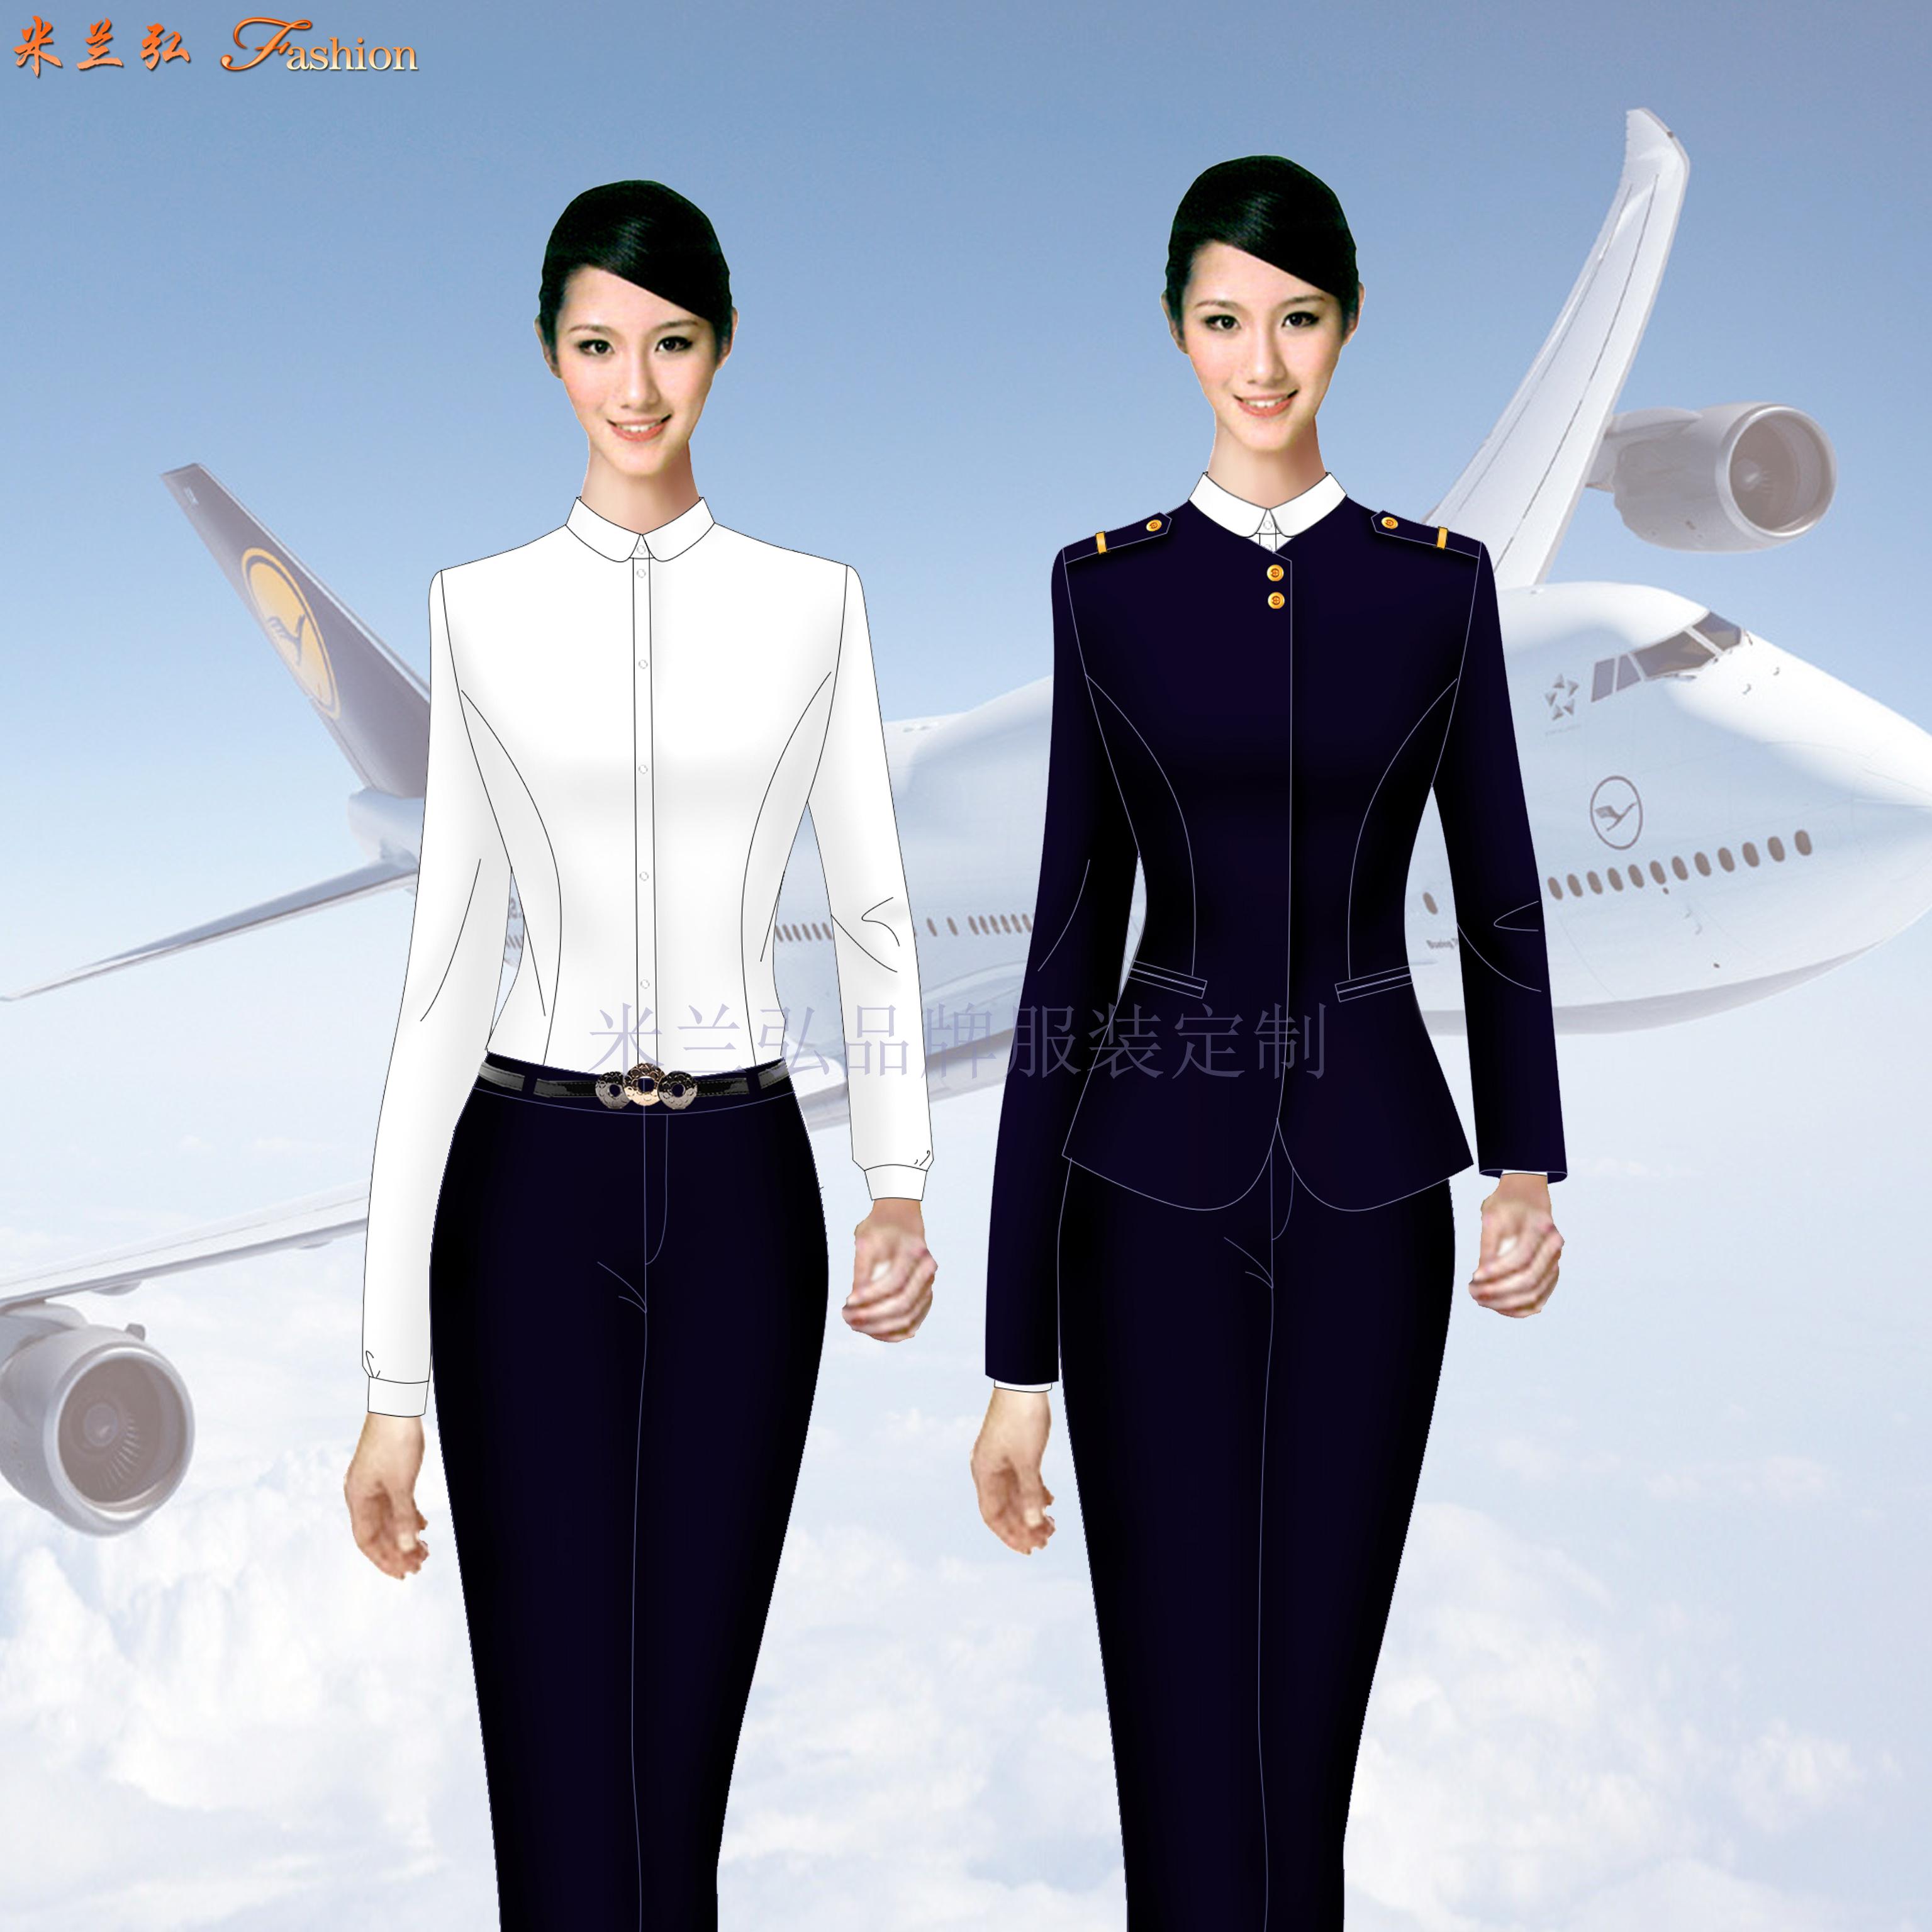 江西機場地勤服裝-機場職業裝定制-米蘭弘服裝-2